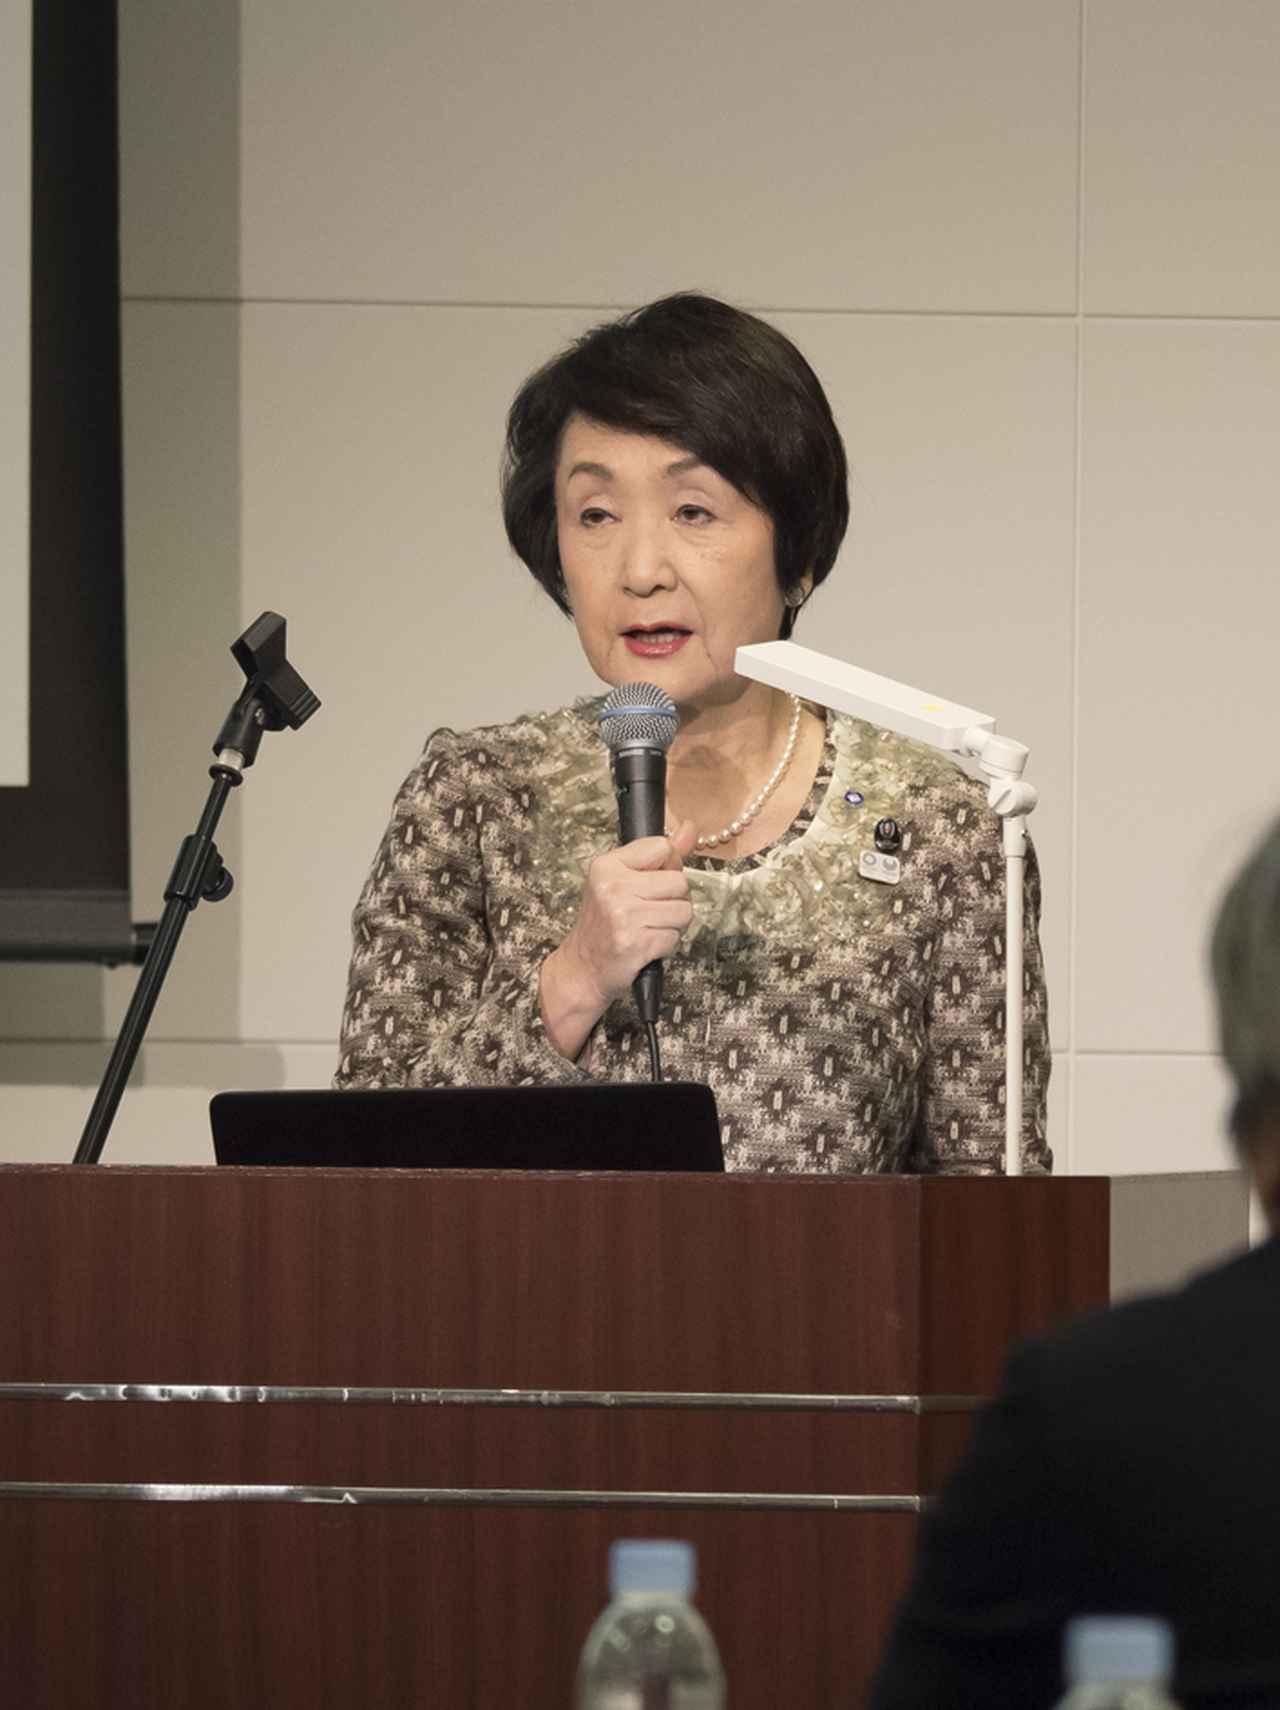 画像: 「写真とかかわりの深い歴史ある横浜でのイベントを誇らしく思います」と横浜市長の林 文子さん